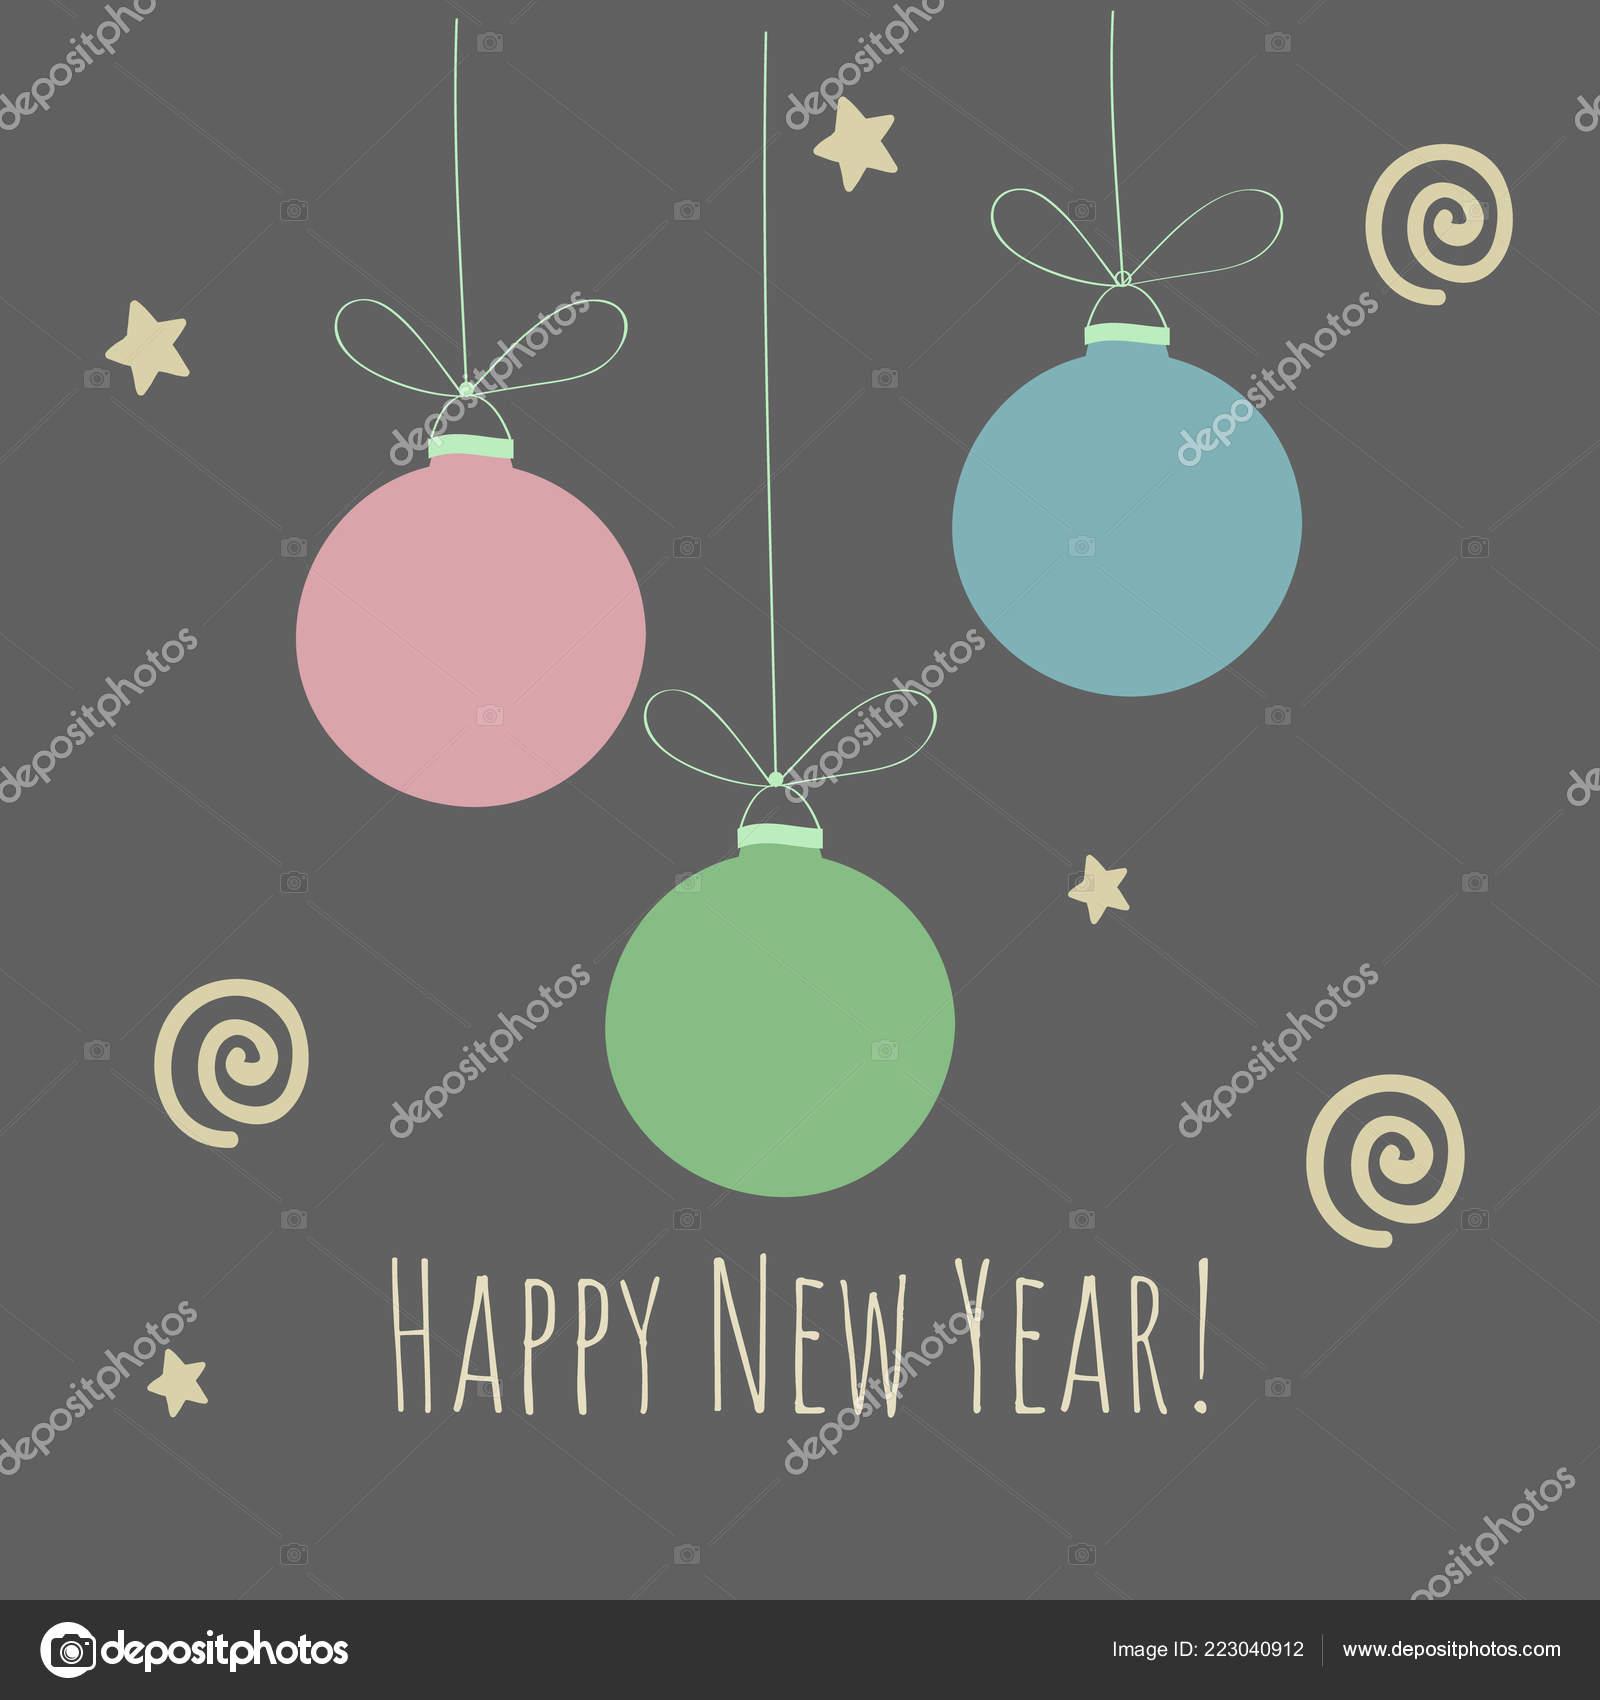 Ilustración Invierno Navidad Con Bolas Navidad Feliz Año